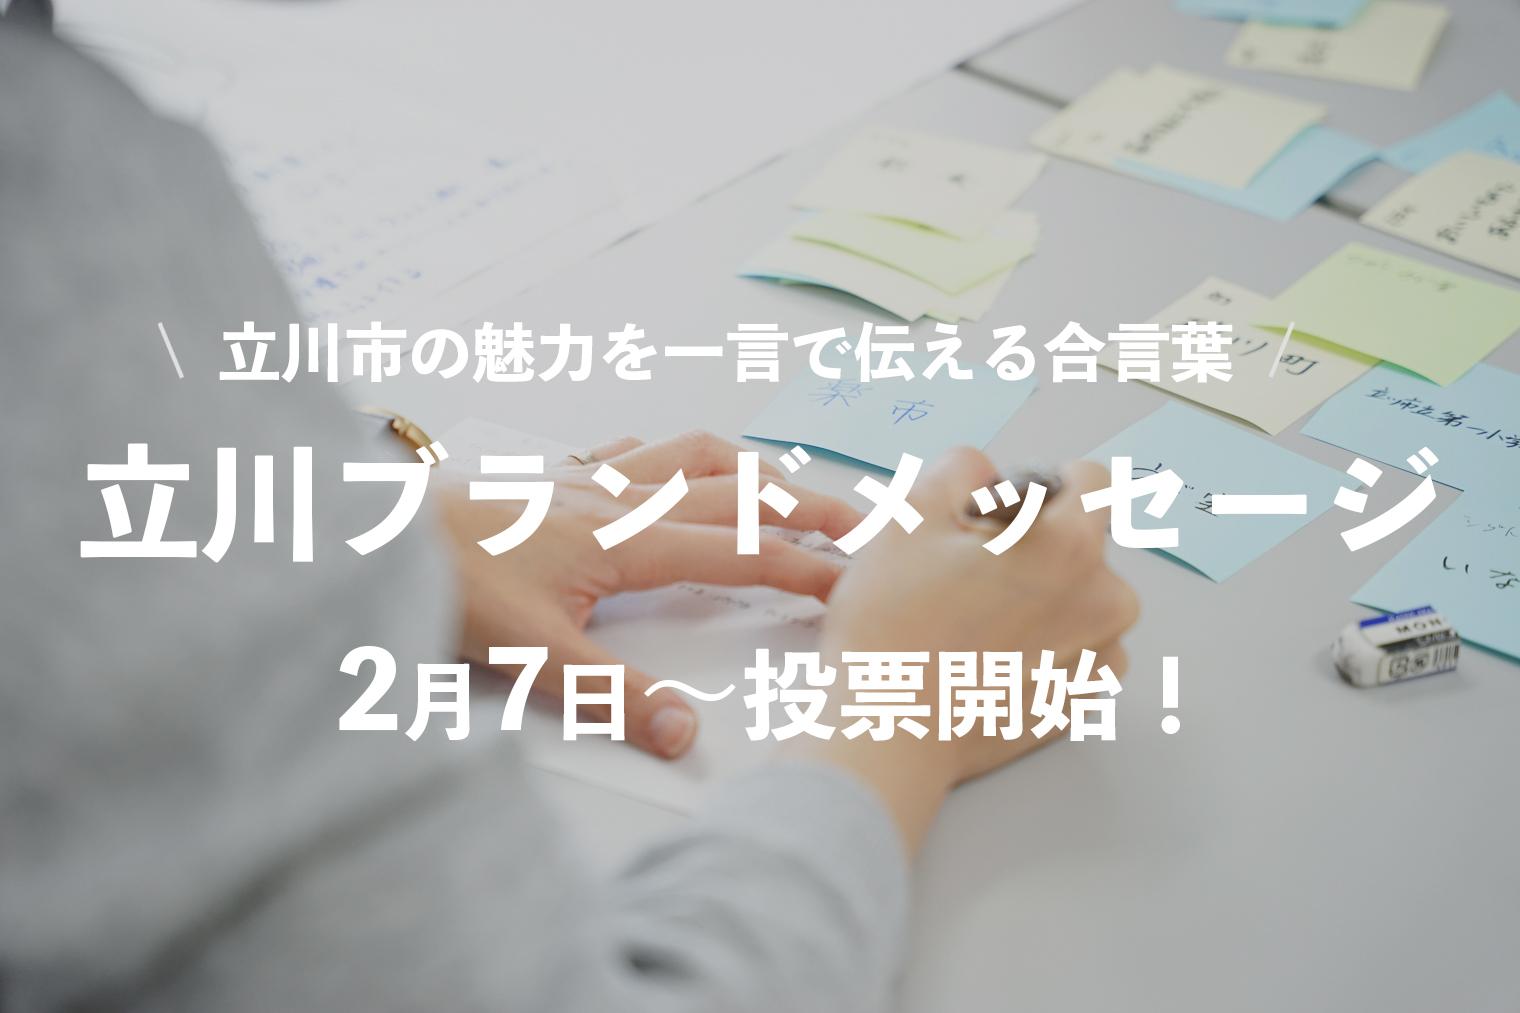 立川市ブランドメッセージが、あなたの1票で決まる!!いよいよ投票START!